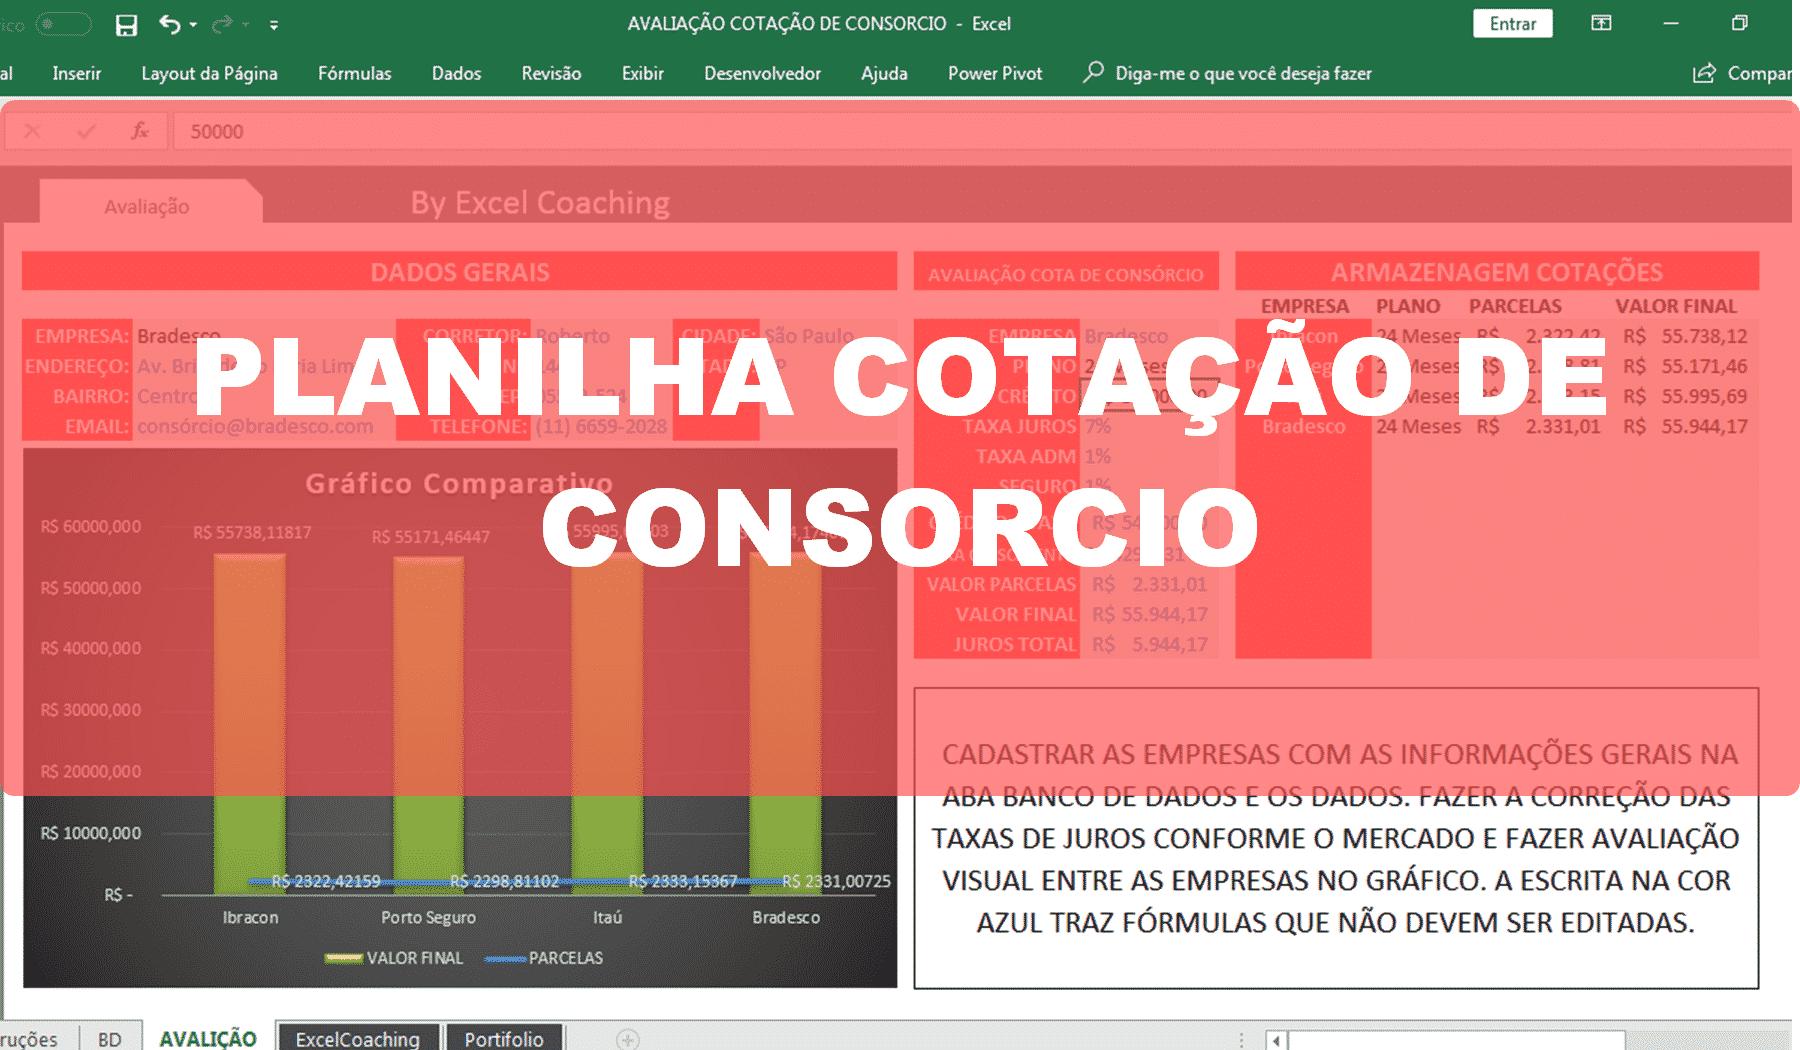 Planilha Cotação de Consorcio